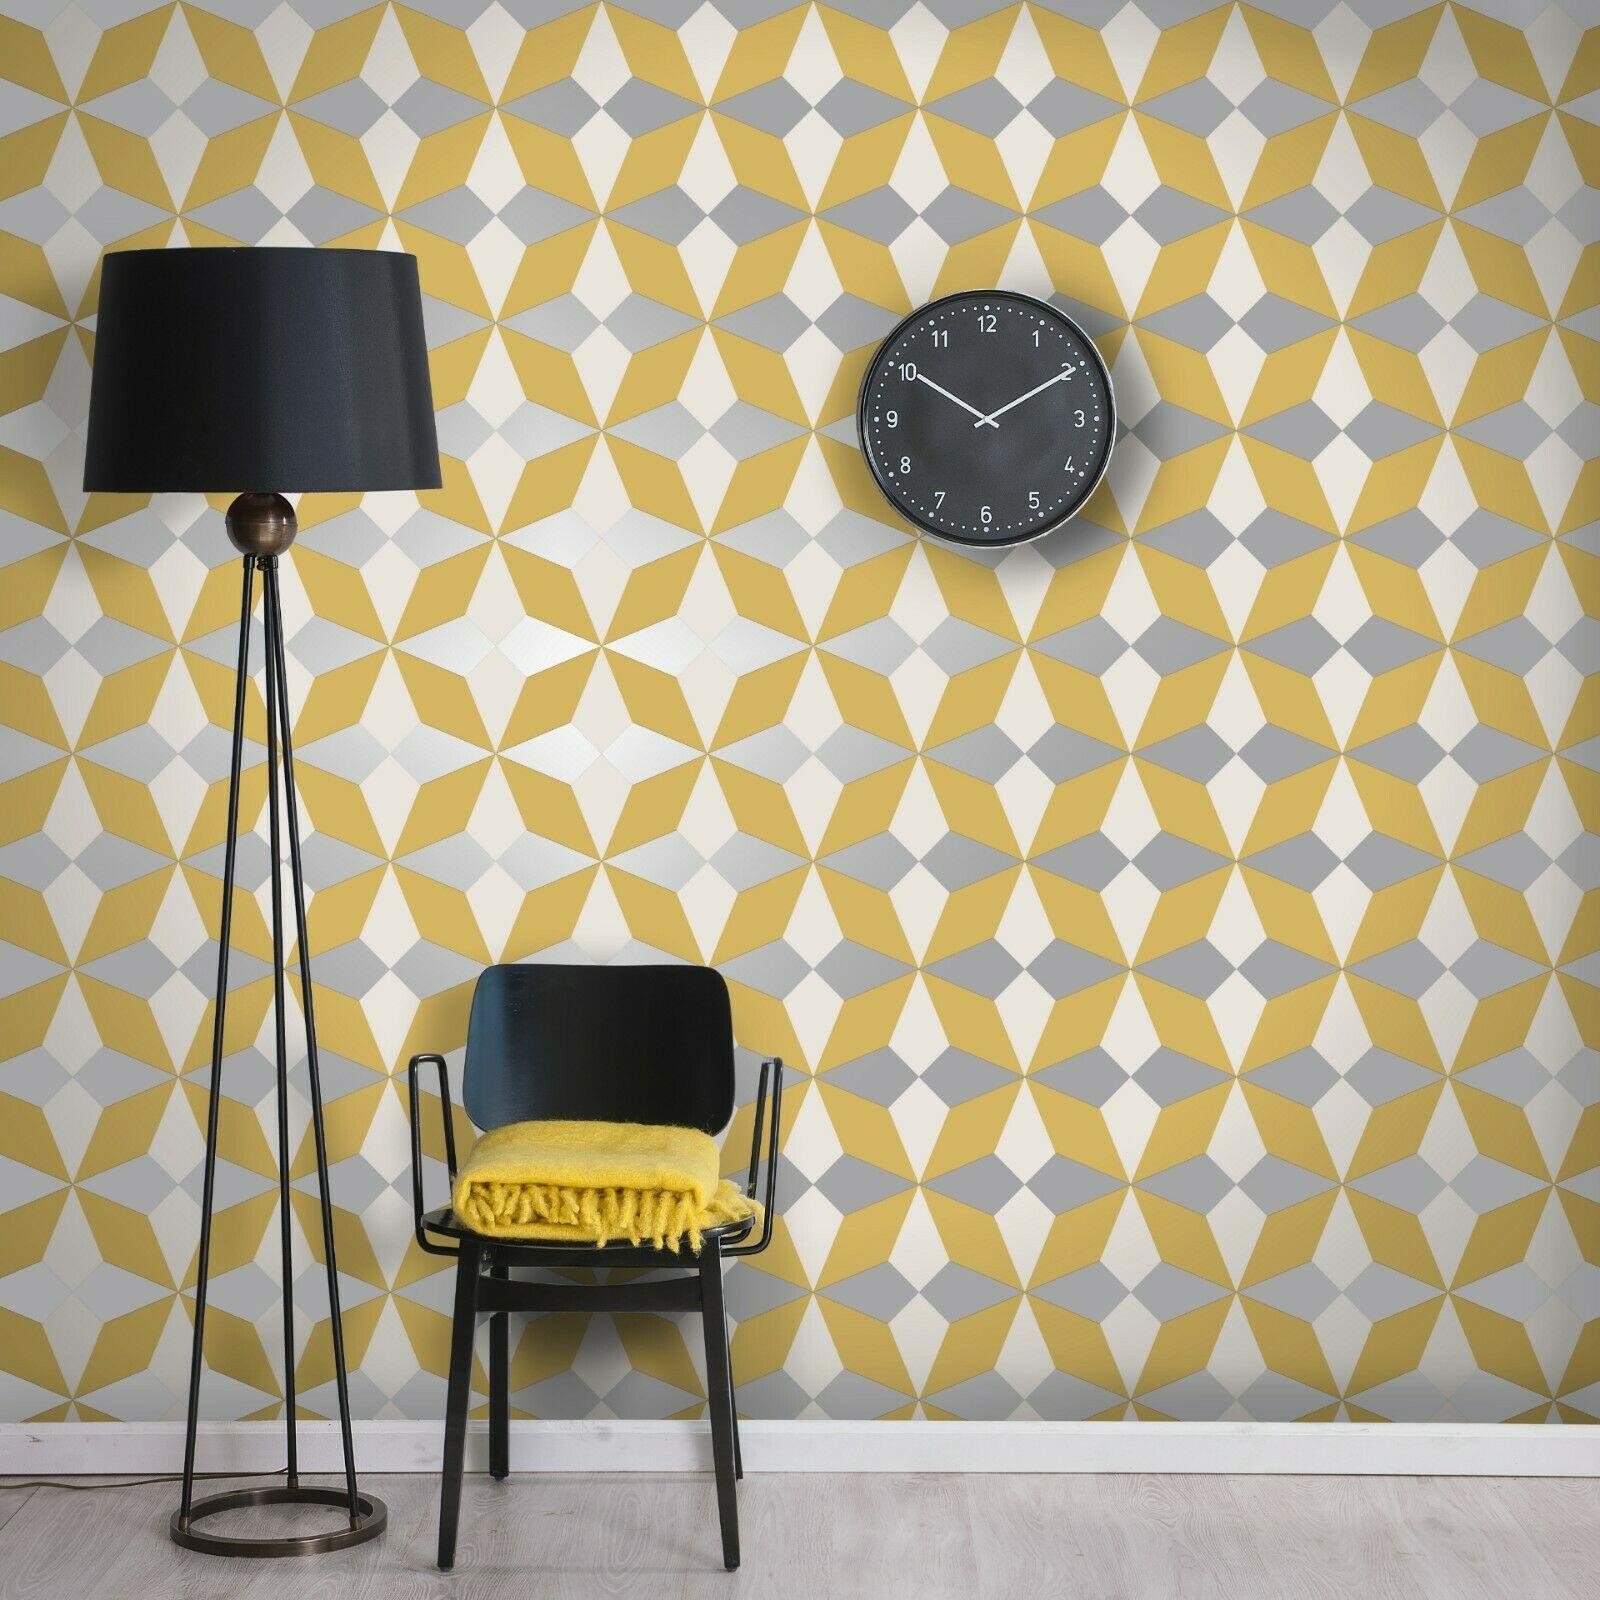 Geometric-Wallpaper-Metallic-Smooth-Textured-Apex-Triangles-Trellis-Diamonds thumbnail 59